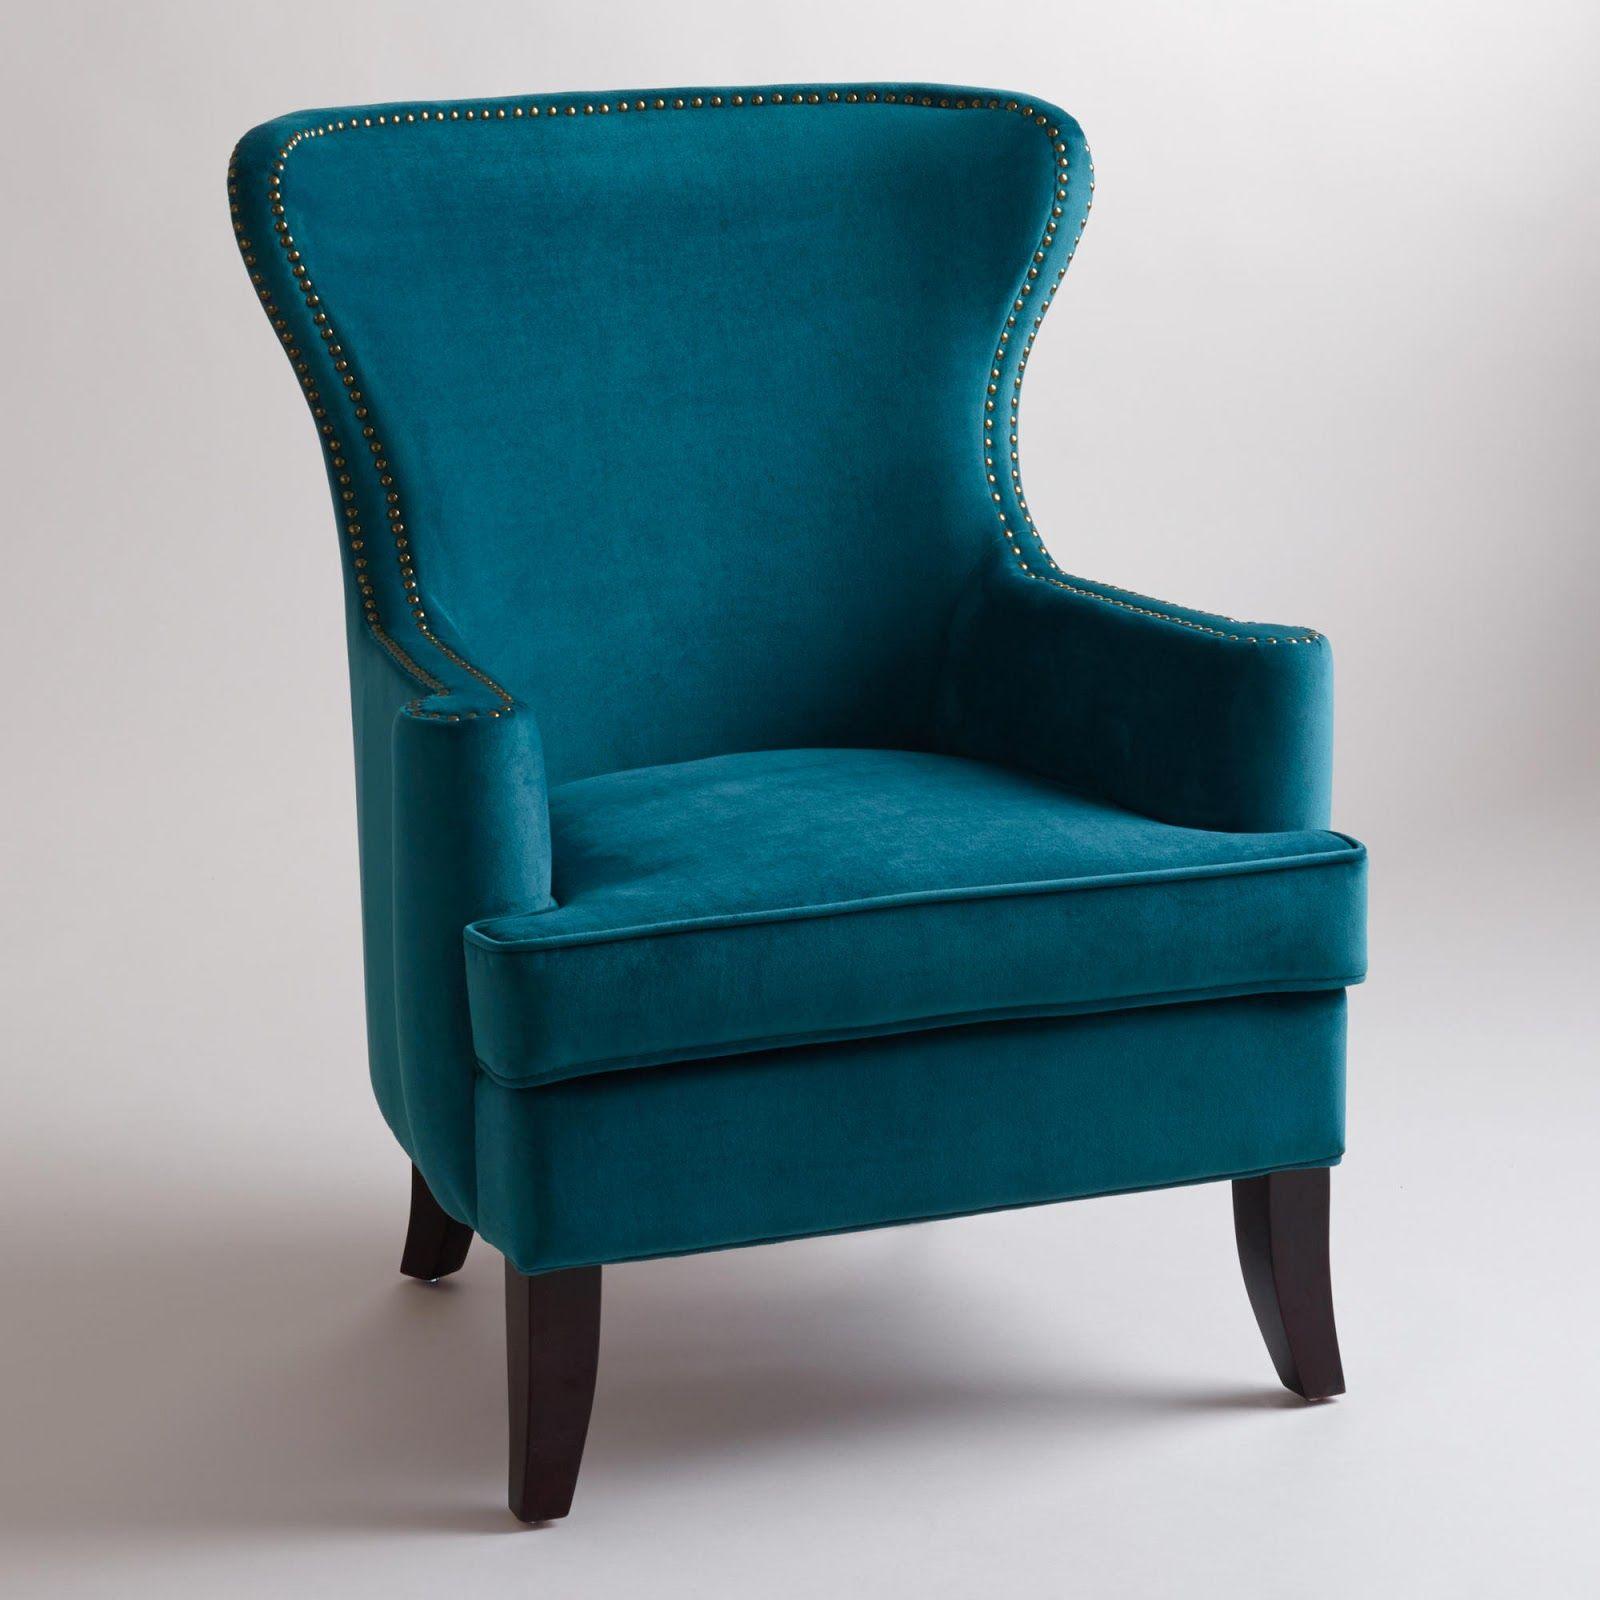 Peacock Blue Teal Chair Wingback Chair Blue Chair